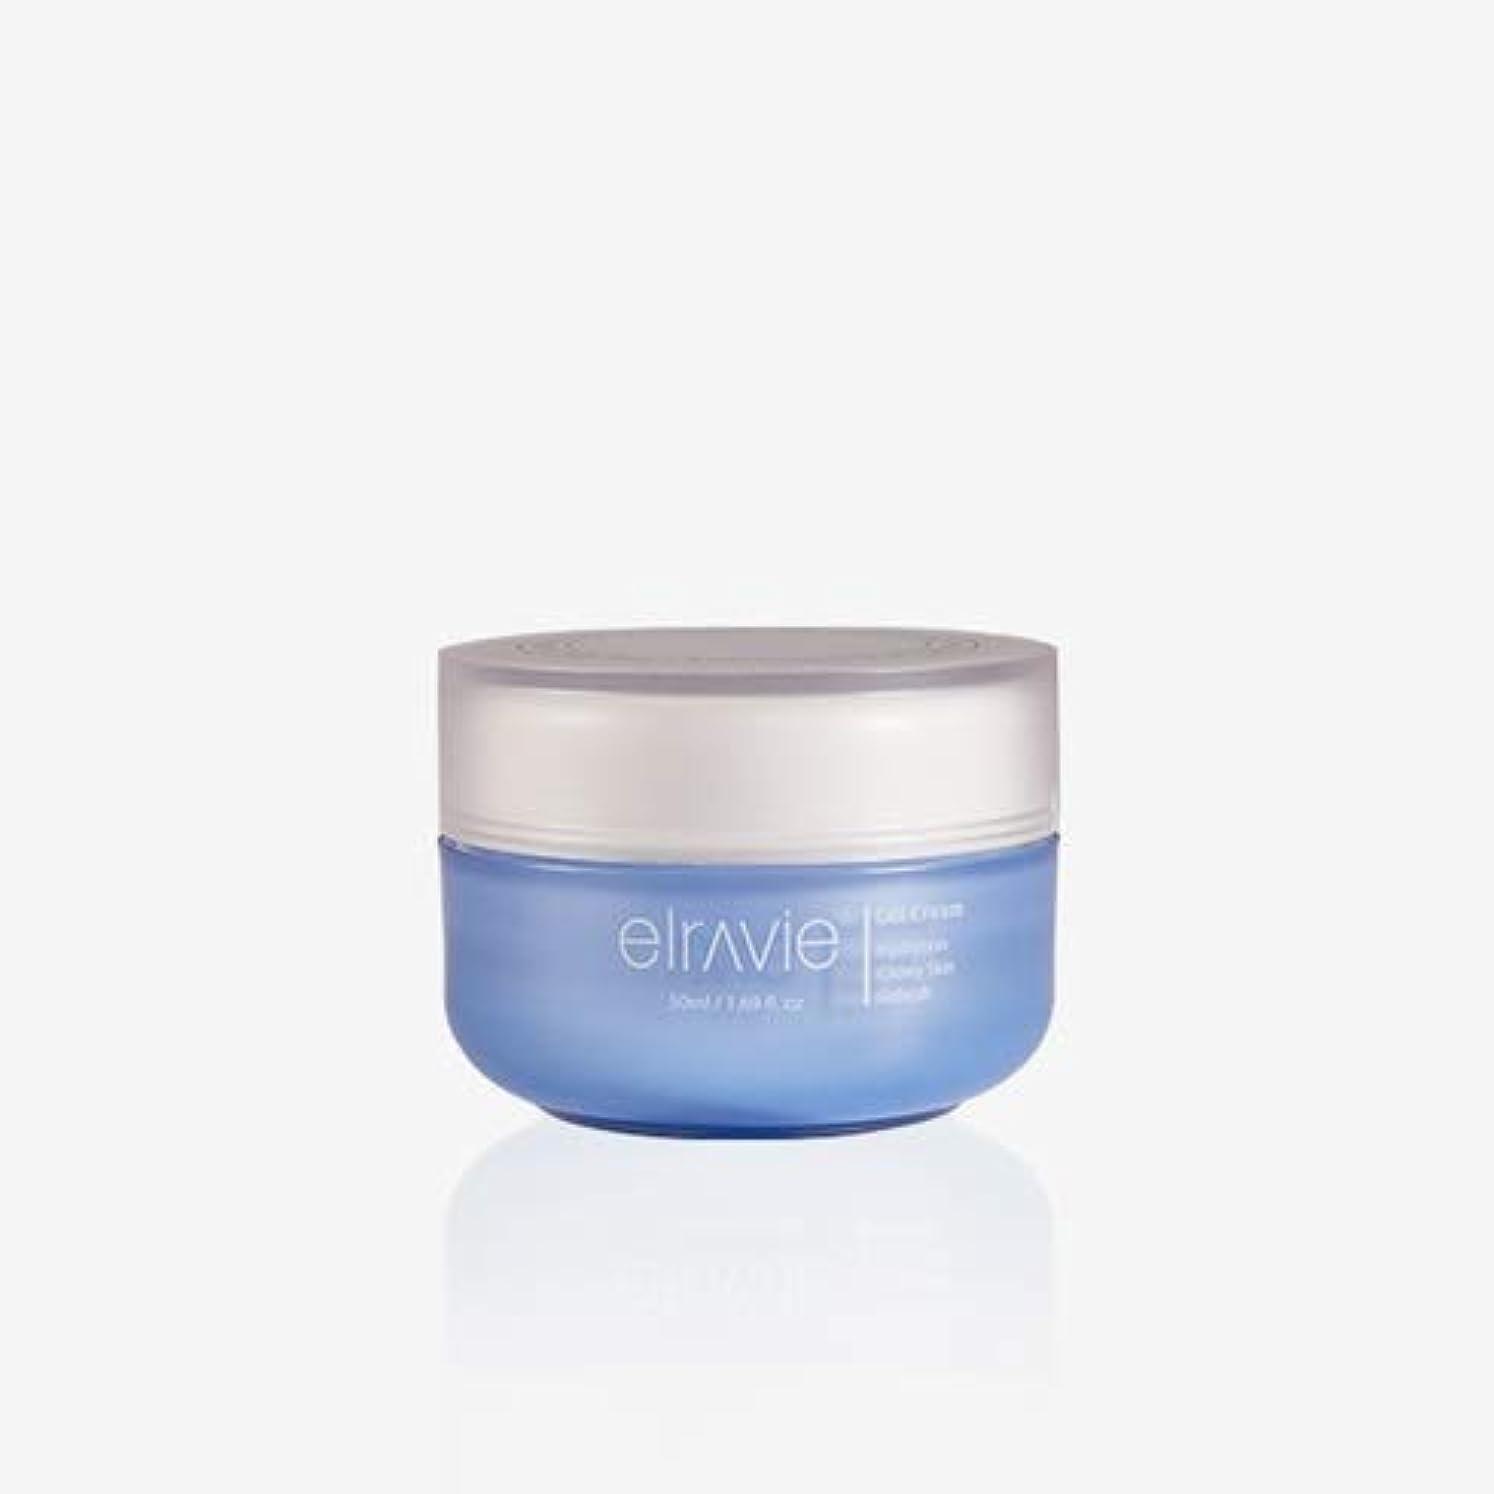 プラットフォームつらい王女エラヴィー[Elravie] ダーマハイドロエクステンデッドハイジェルクリーム50ml / Derma Hydro Extended Hyal Gel Cream